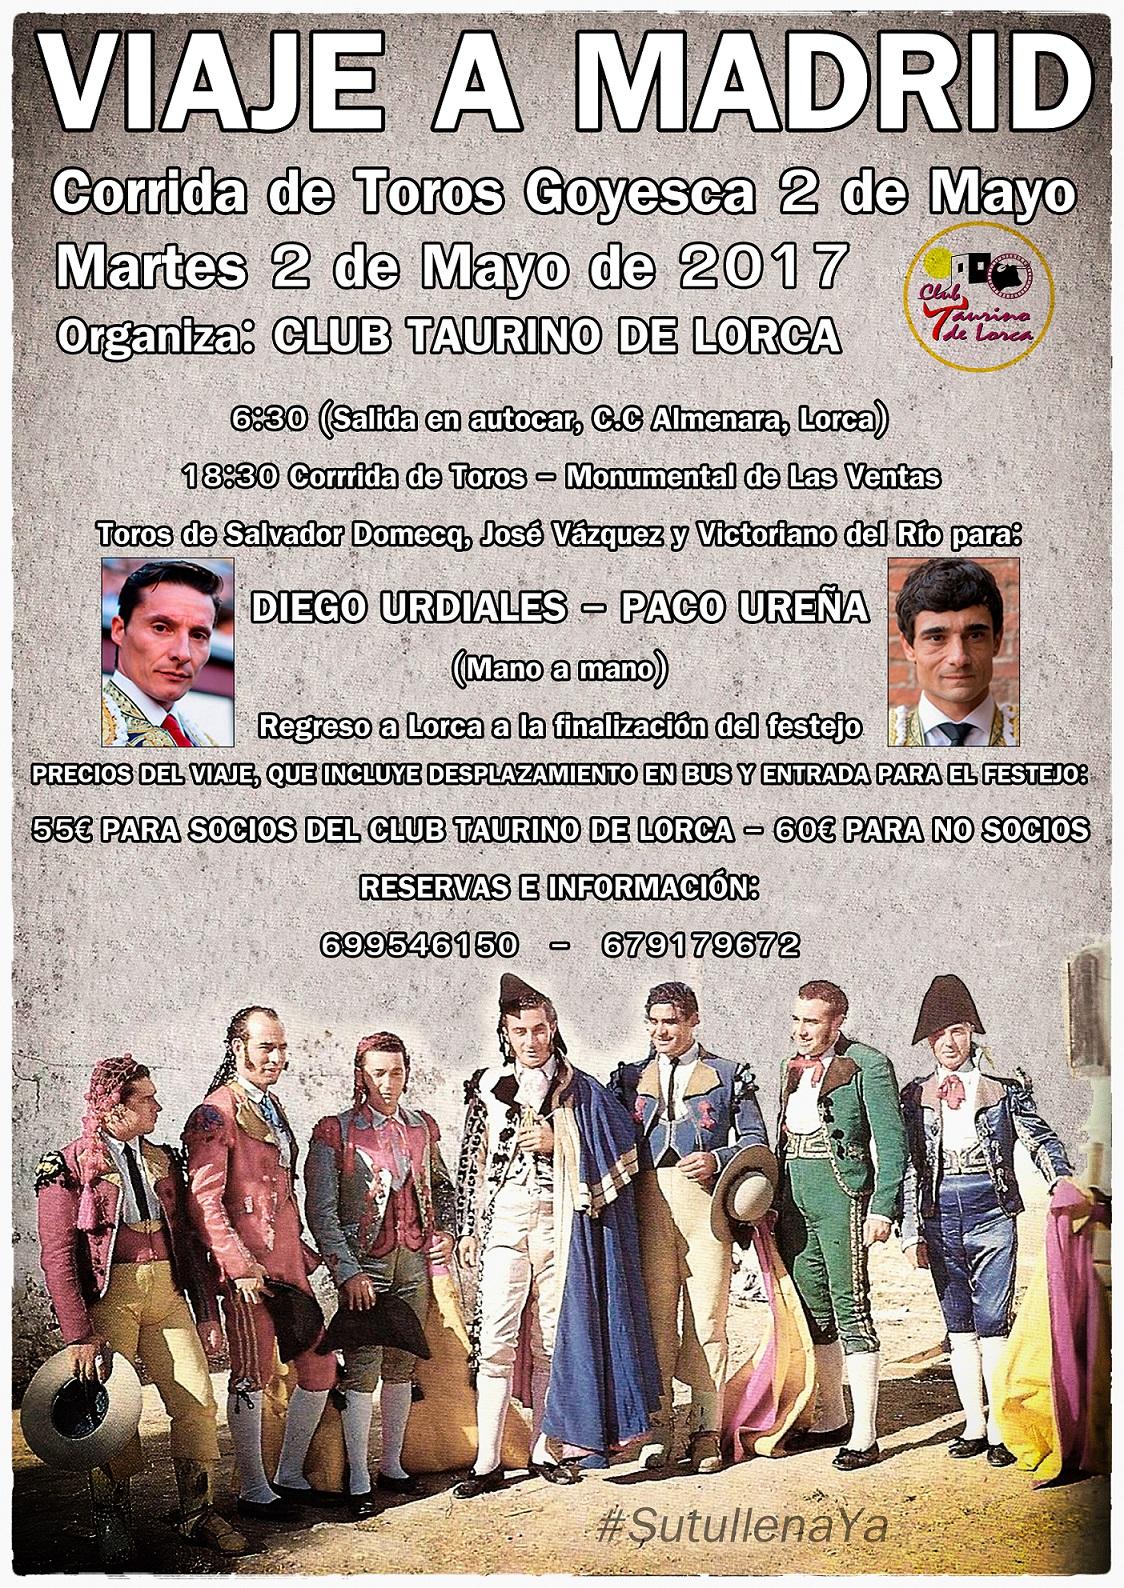 El Club Taurino organiza un viaje para apoyar a Ureña en la 'Goyesca' de Las Ventas